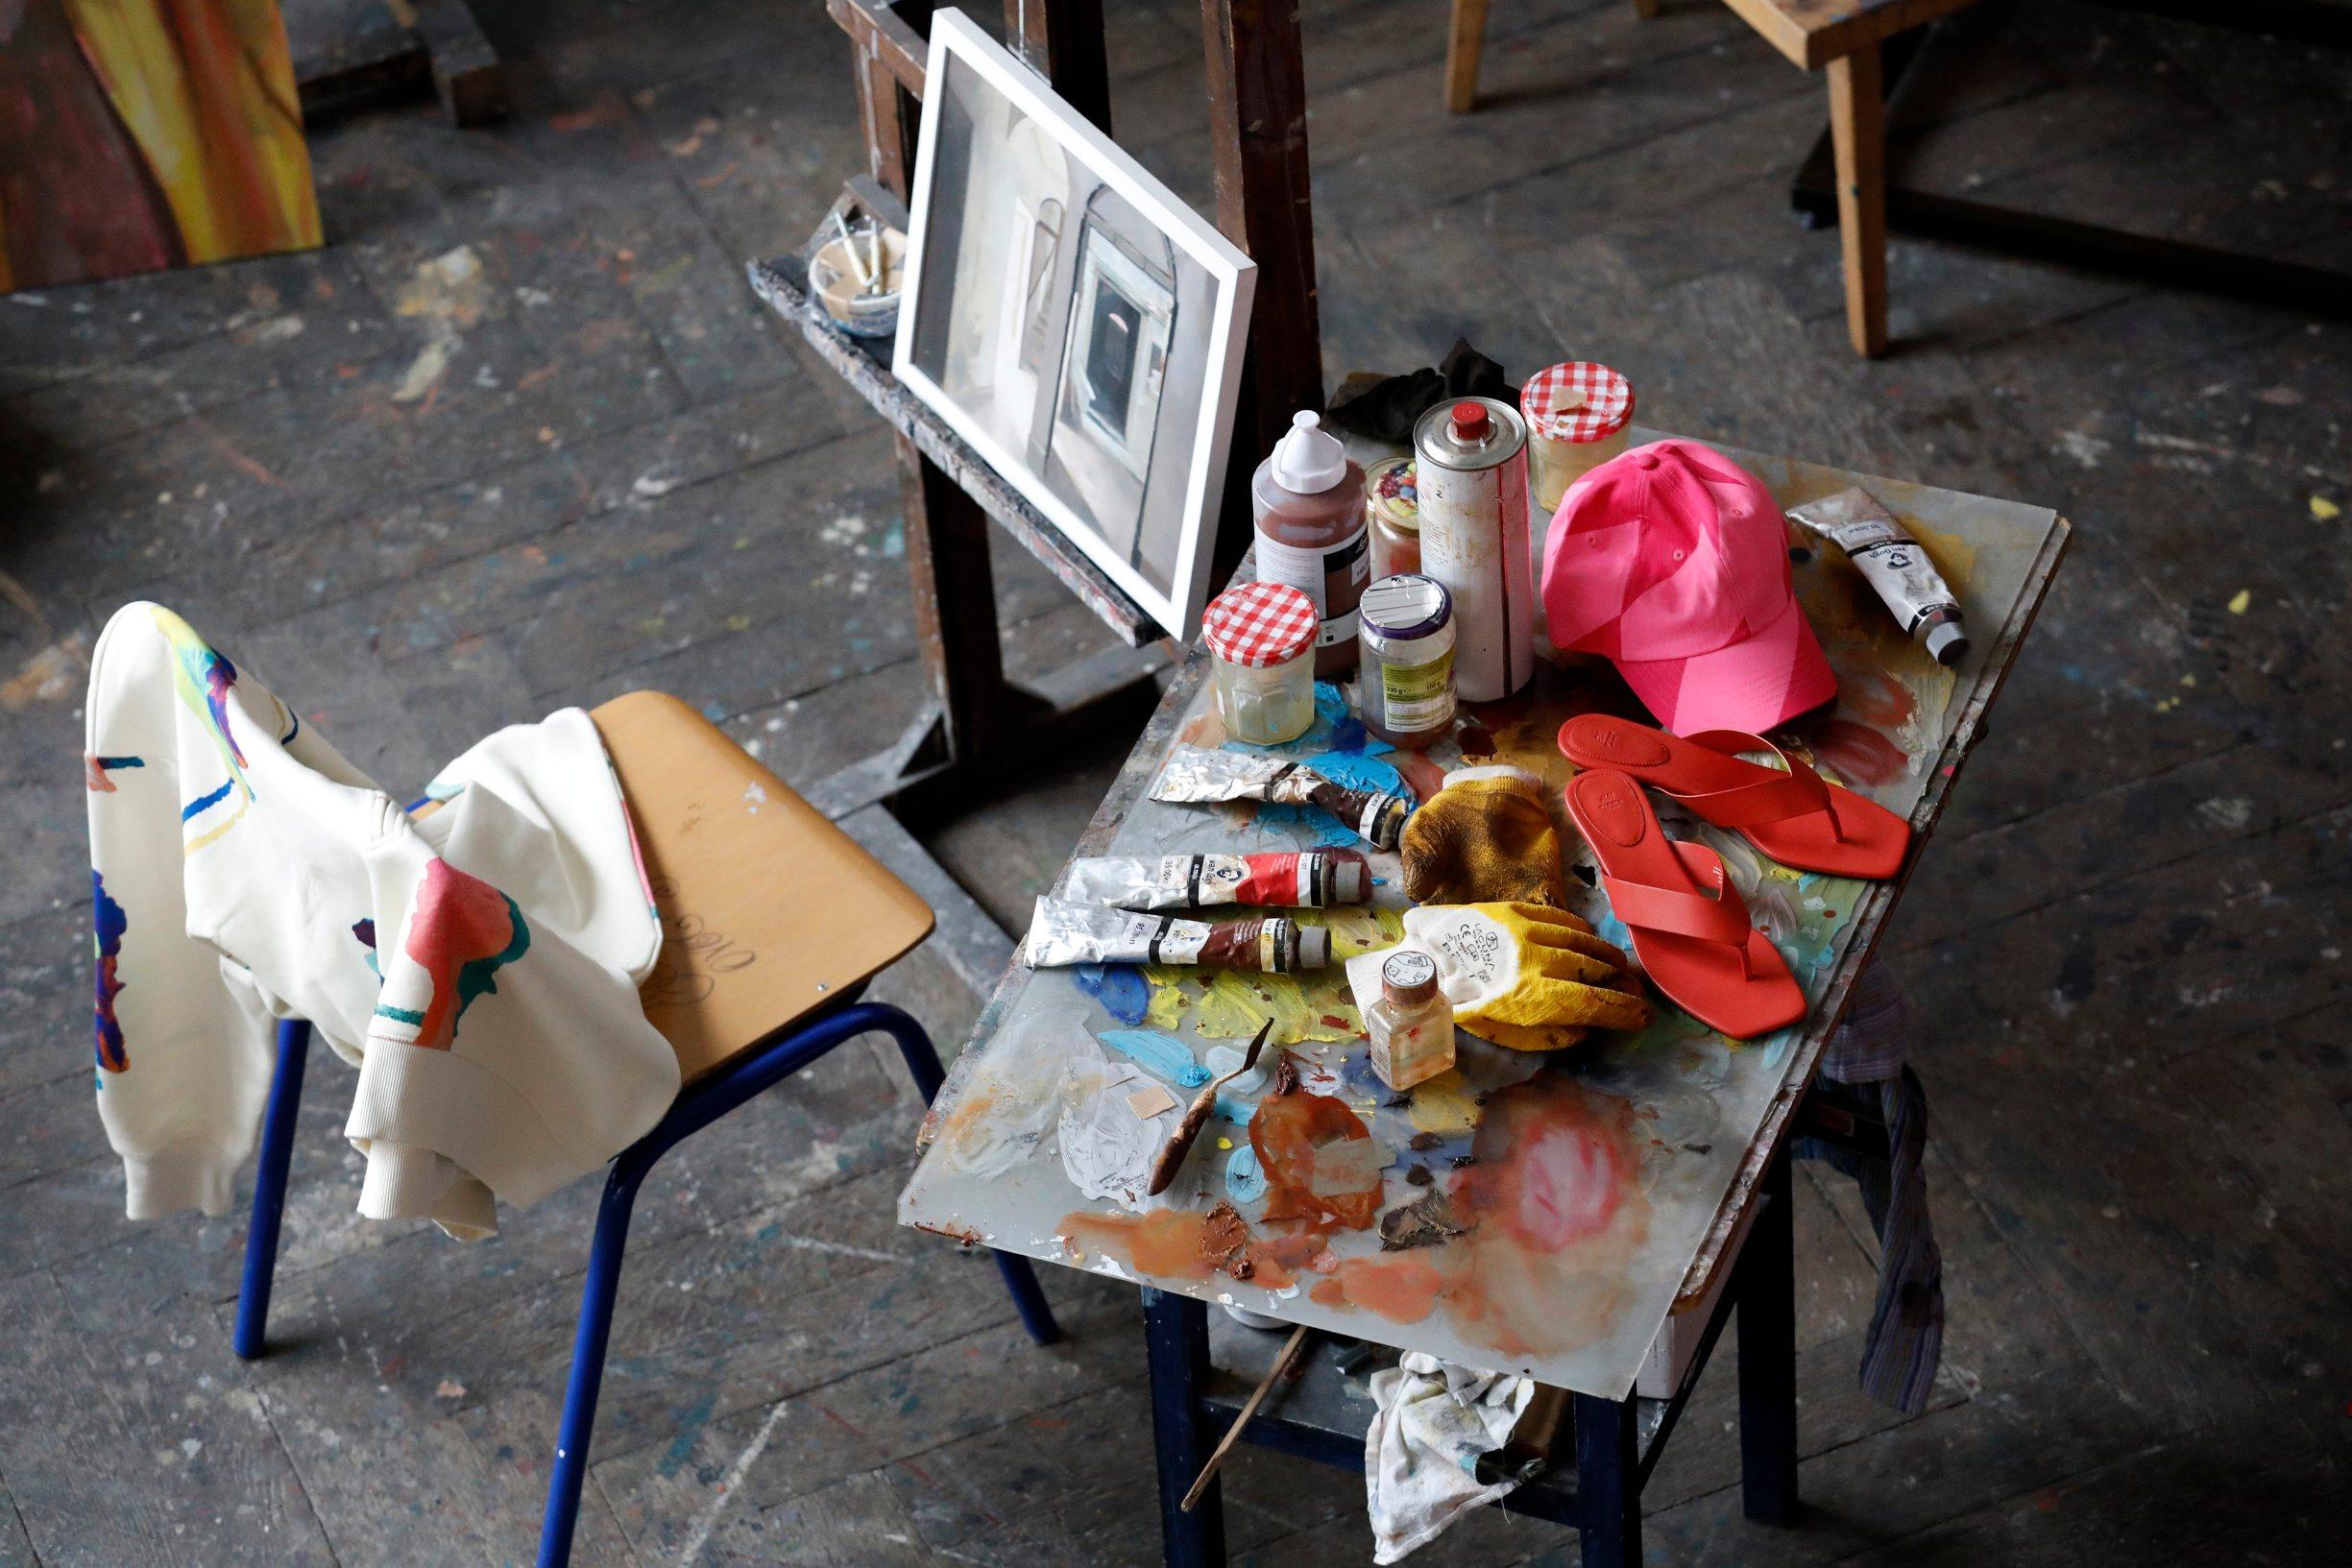 Zagreb, 180220. Akademija likovnih umjetnosti. H&M kolekcija 2020 predstavljena je u prostorijama akademije likovnih umjetnosti. Na fotografiji: H&M kolekcija 2020. Foto: Tomislav Kristo / CROPIX